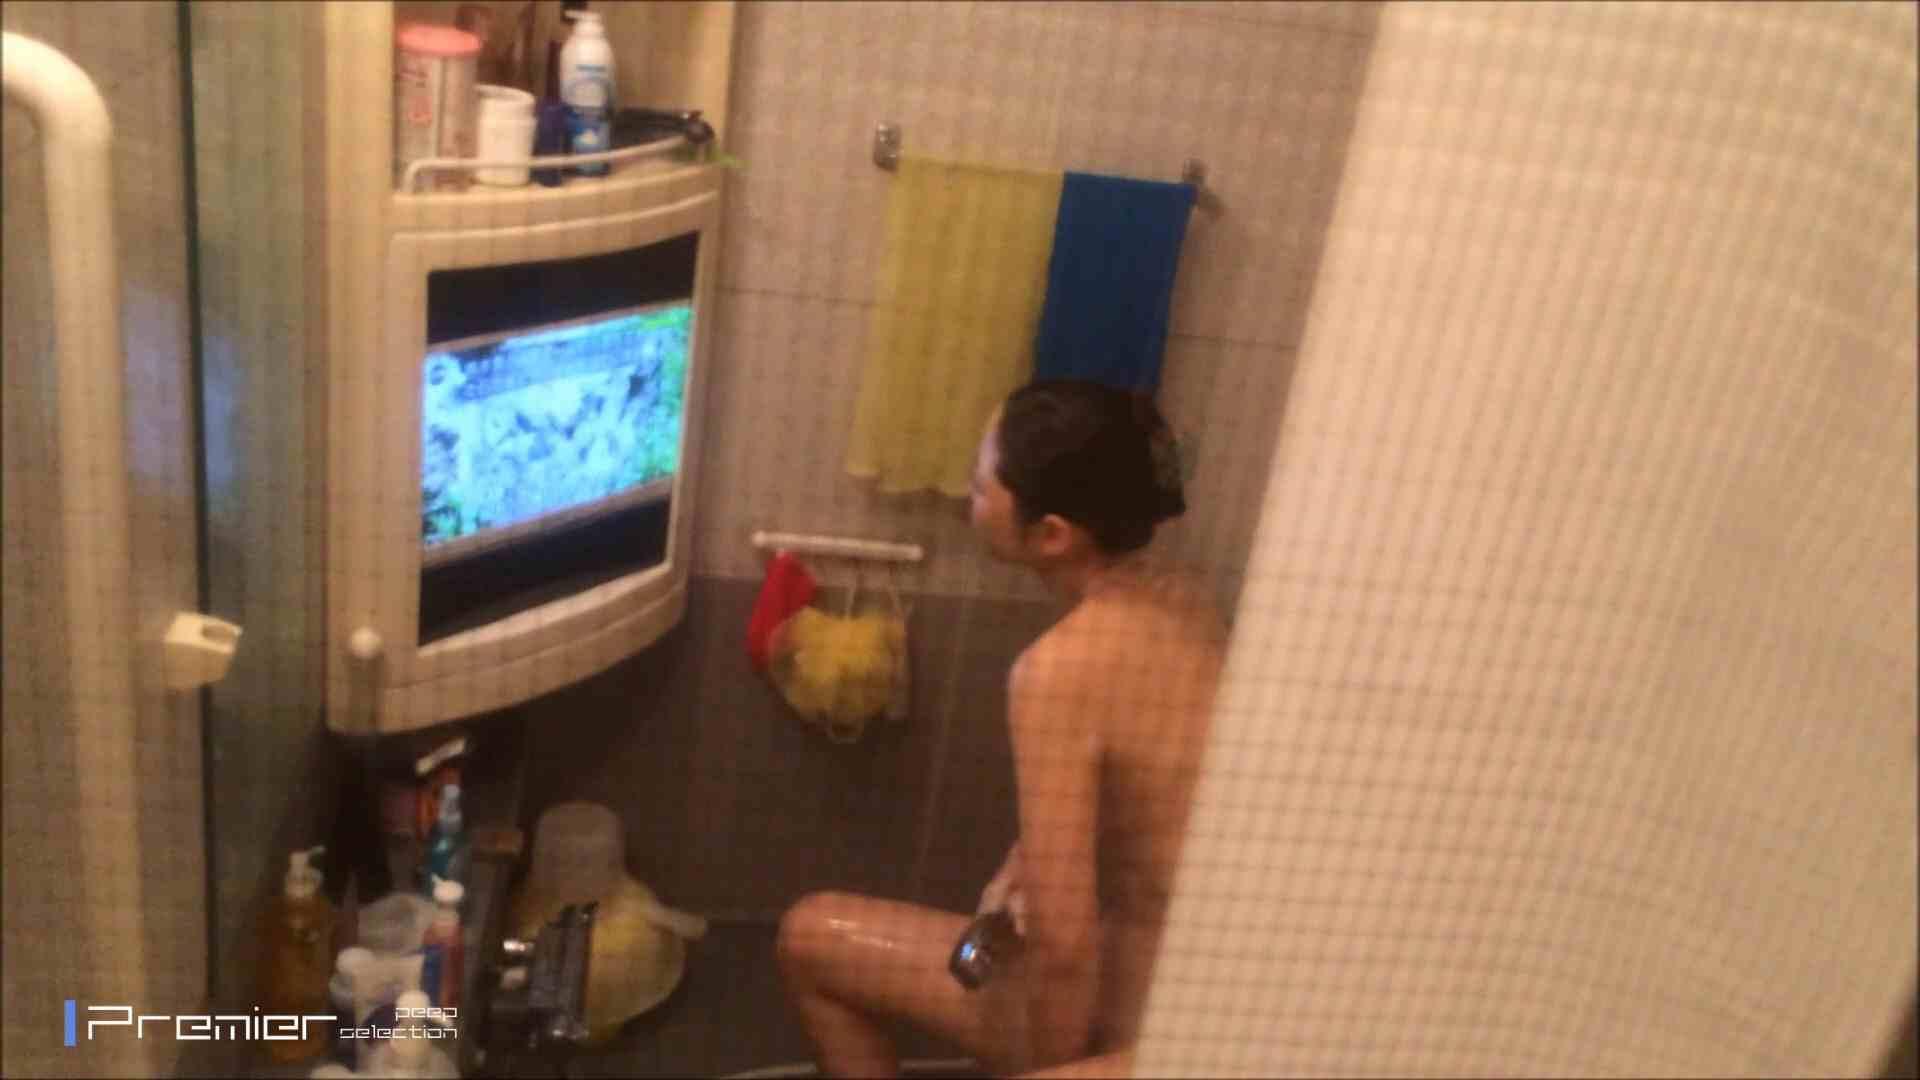 美女のテレビを見ながらの入浴 乙女の風呂場 Vol.21 丸見え アダルト動画キャプチャ 111画像 93